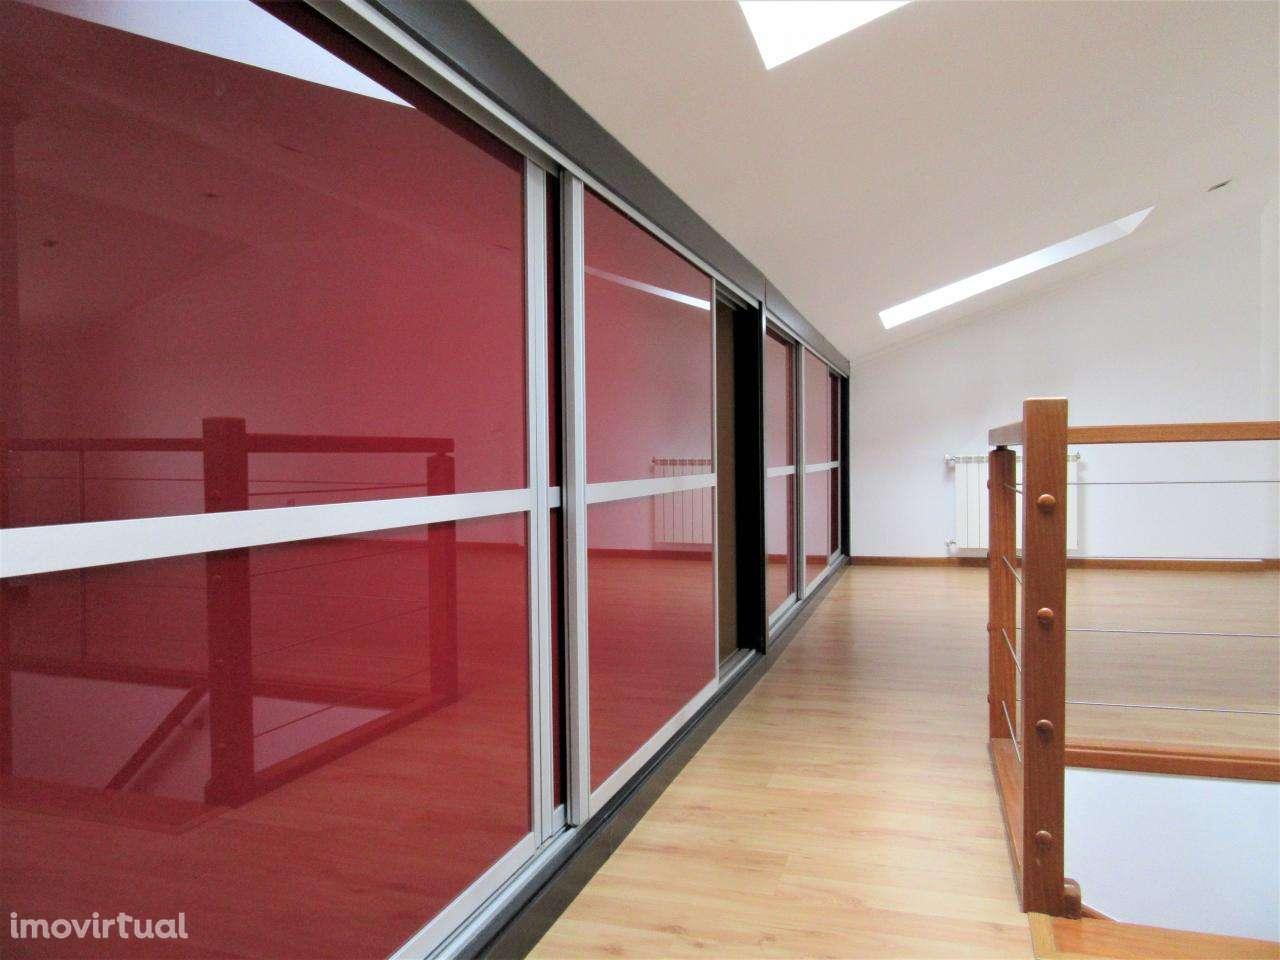 Apartamento para comprar, Leiria, Pousos, Barreira e Cortes, Leiria - Foto 17